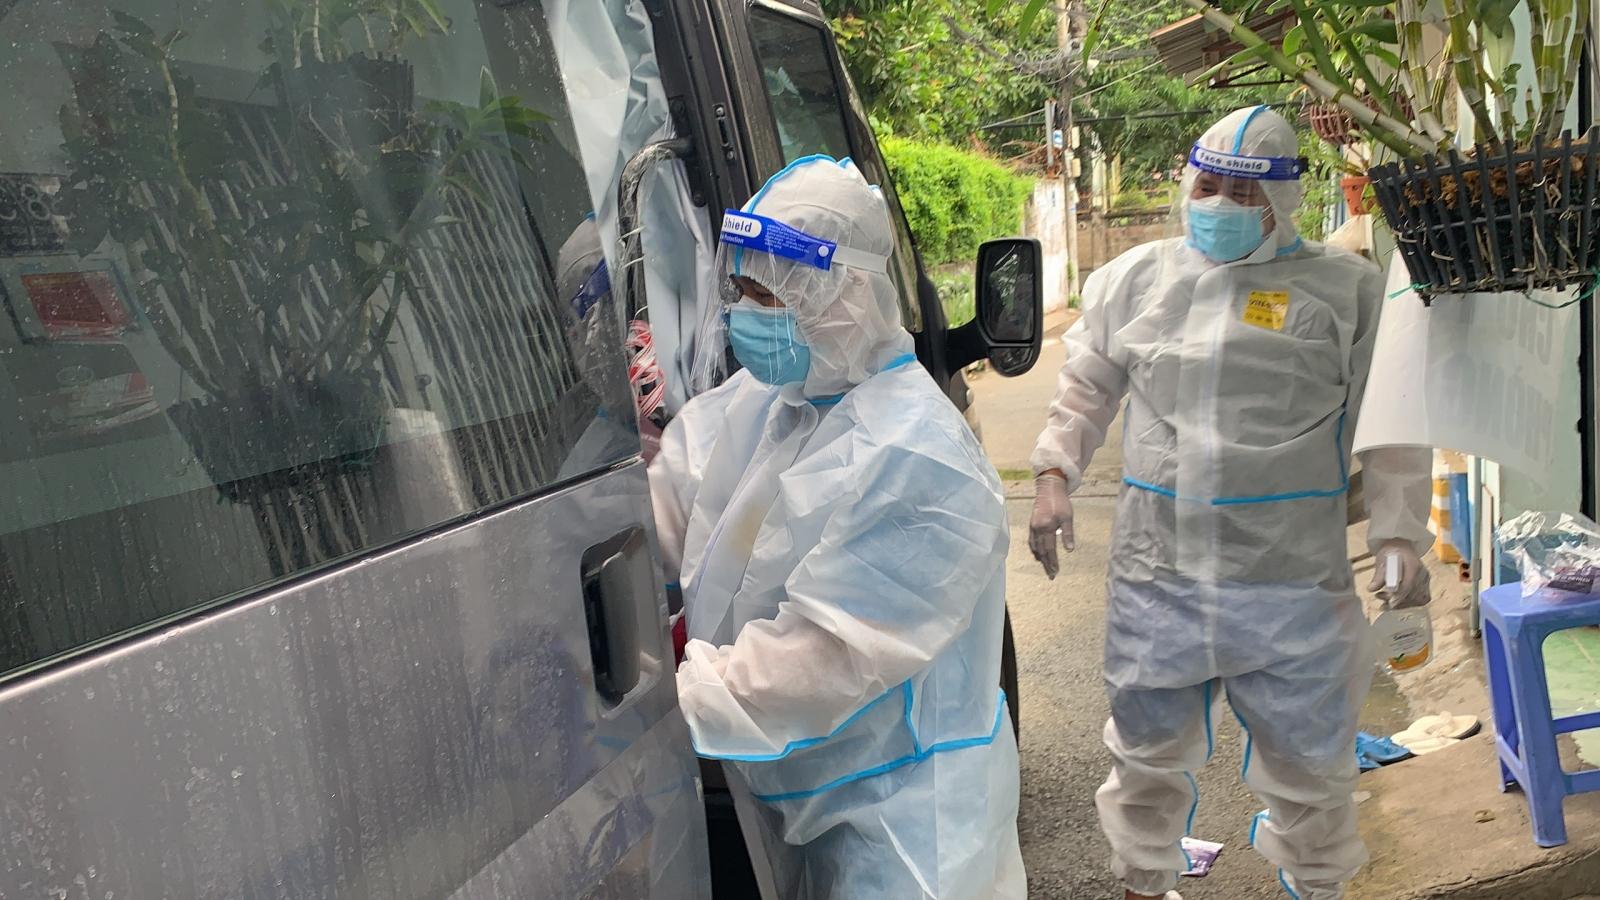 TP.HCM thí điểm dùng thuốc Molnupiravir điều trị bệnh nhân Covid-19 tại nhà từ 27/8